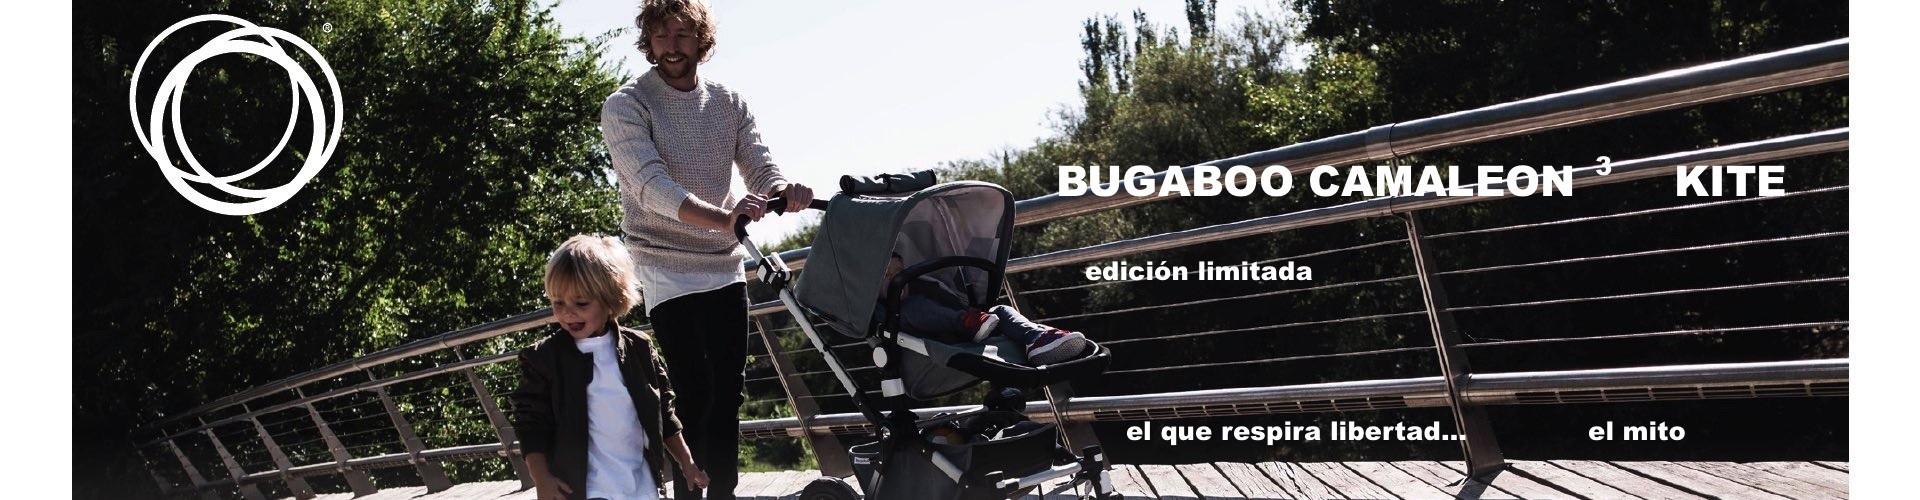 Bugaboo Camaleón 3 Kite edicion limitada